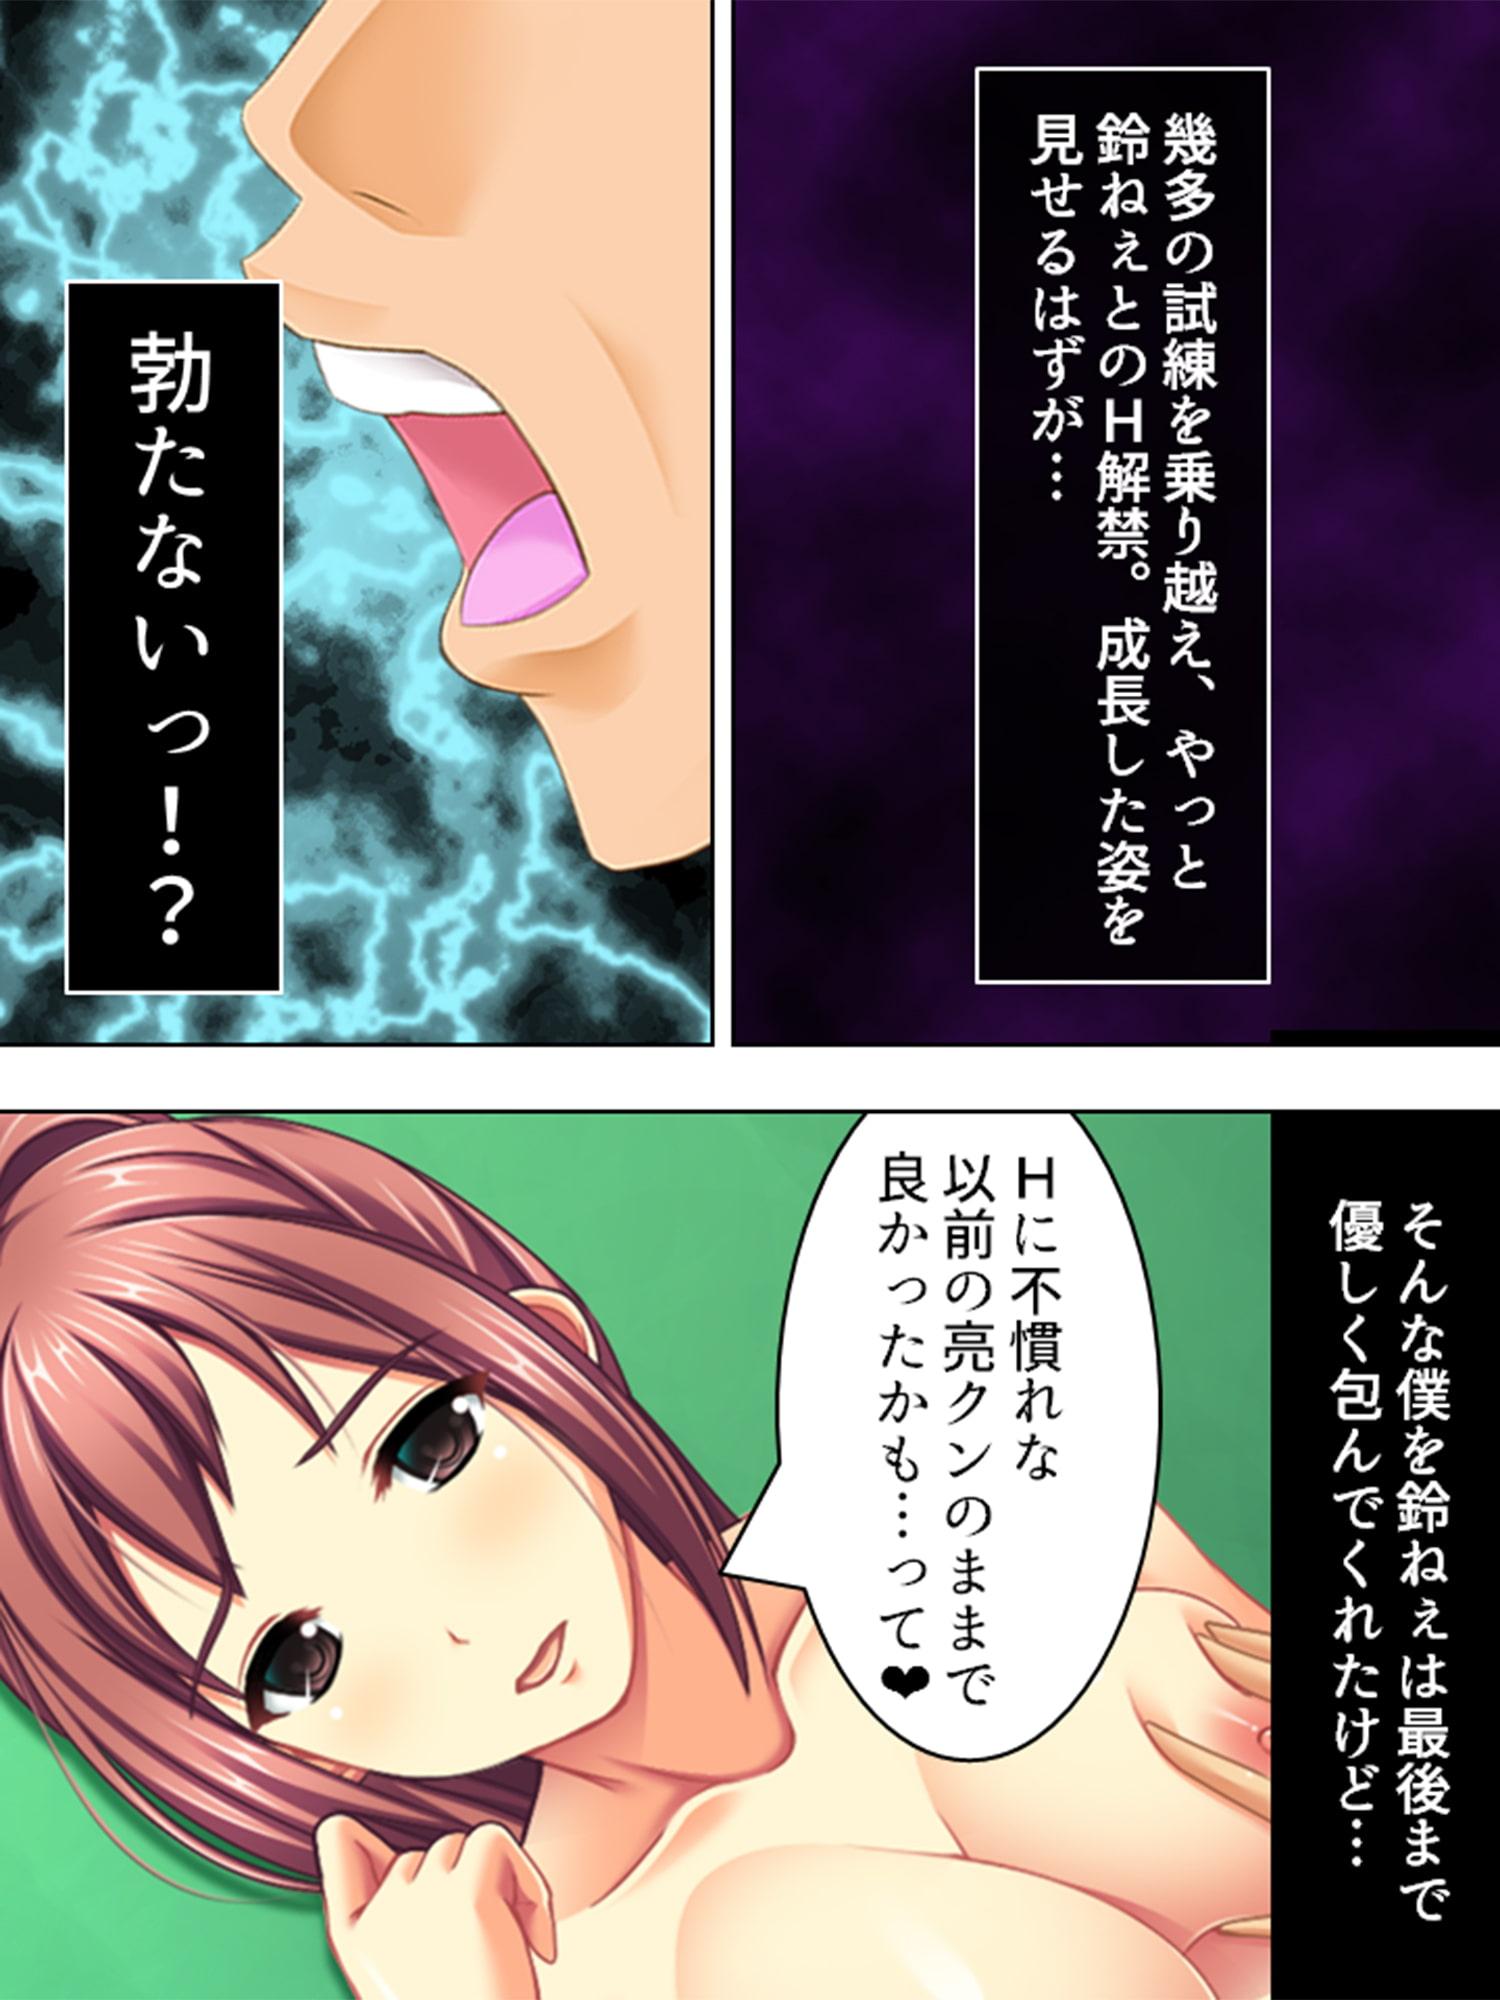 ビッチビチ!第2水泳部 ~狙われた草食男子~ 第3巻